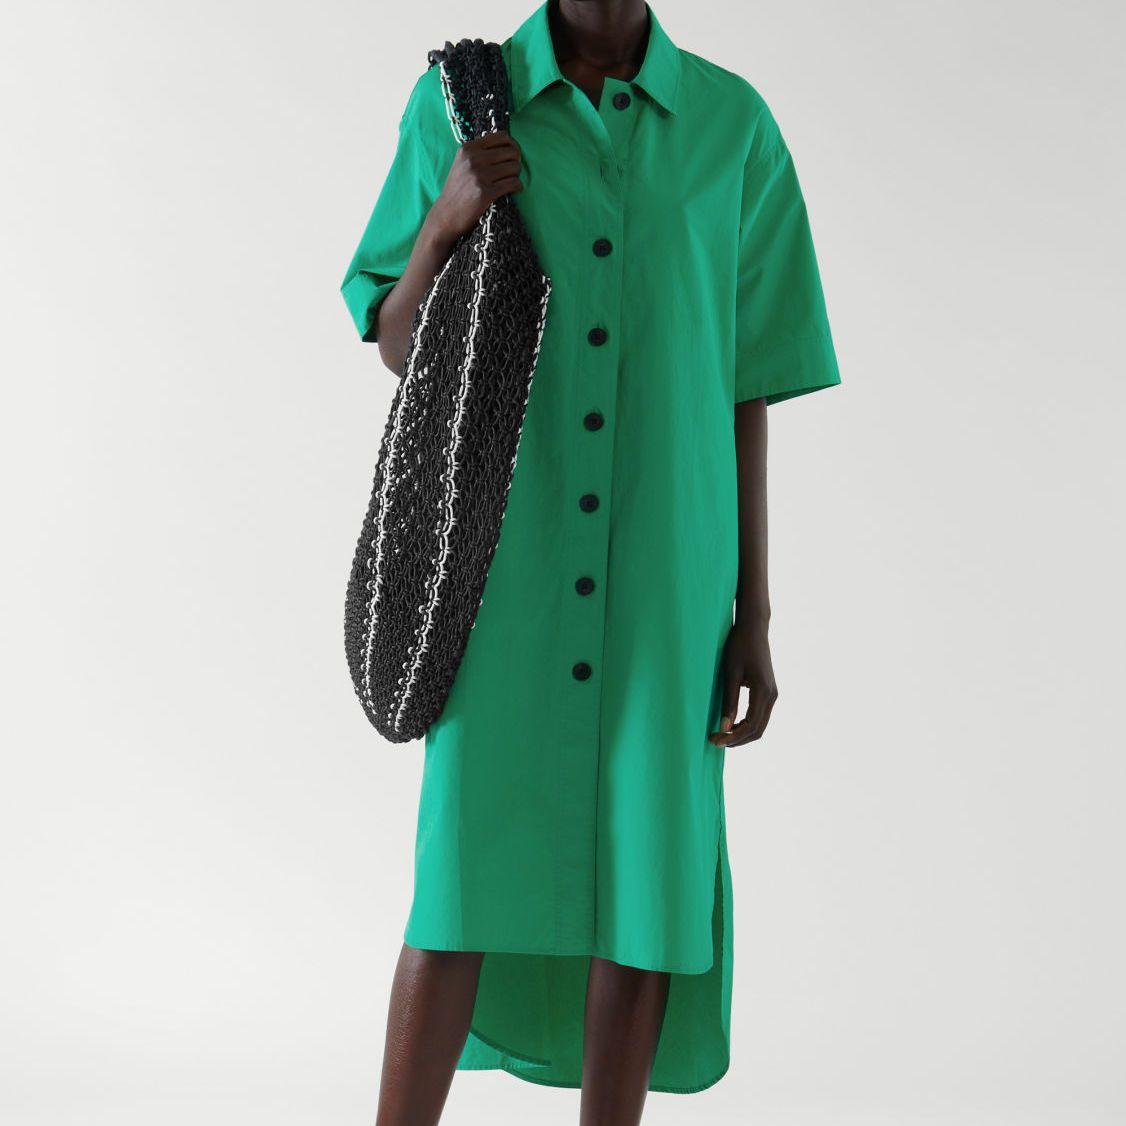 Cos A-Line Shirt Dress